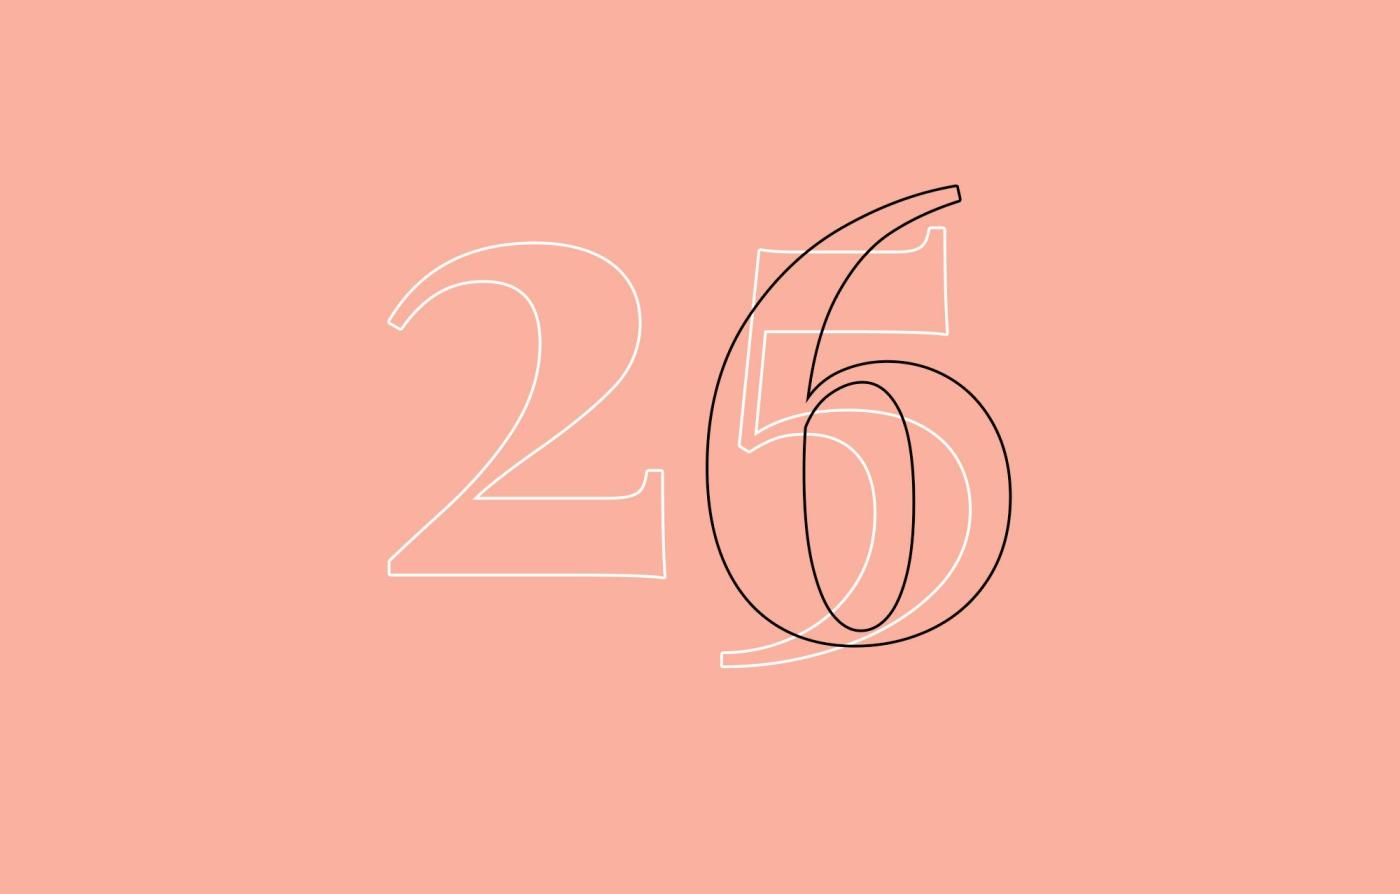 25 ans fut pour moi l'année de tous les changements. Découvrez pourquoi